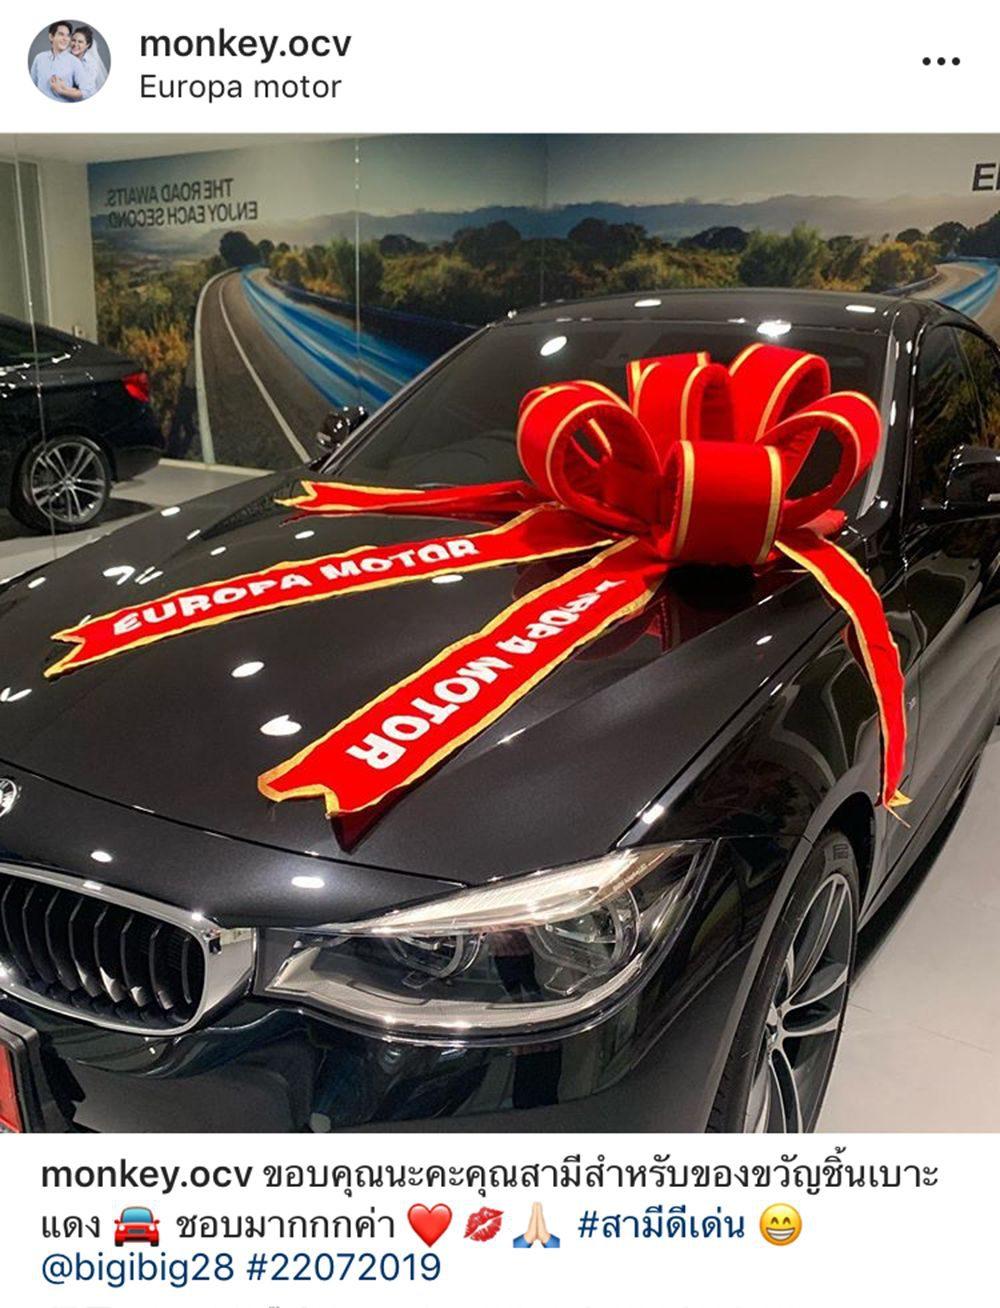 รถหรูของขวัญให้ภรรยา